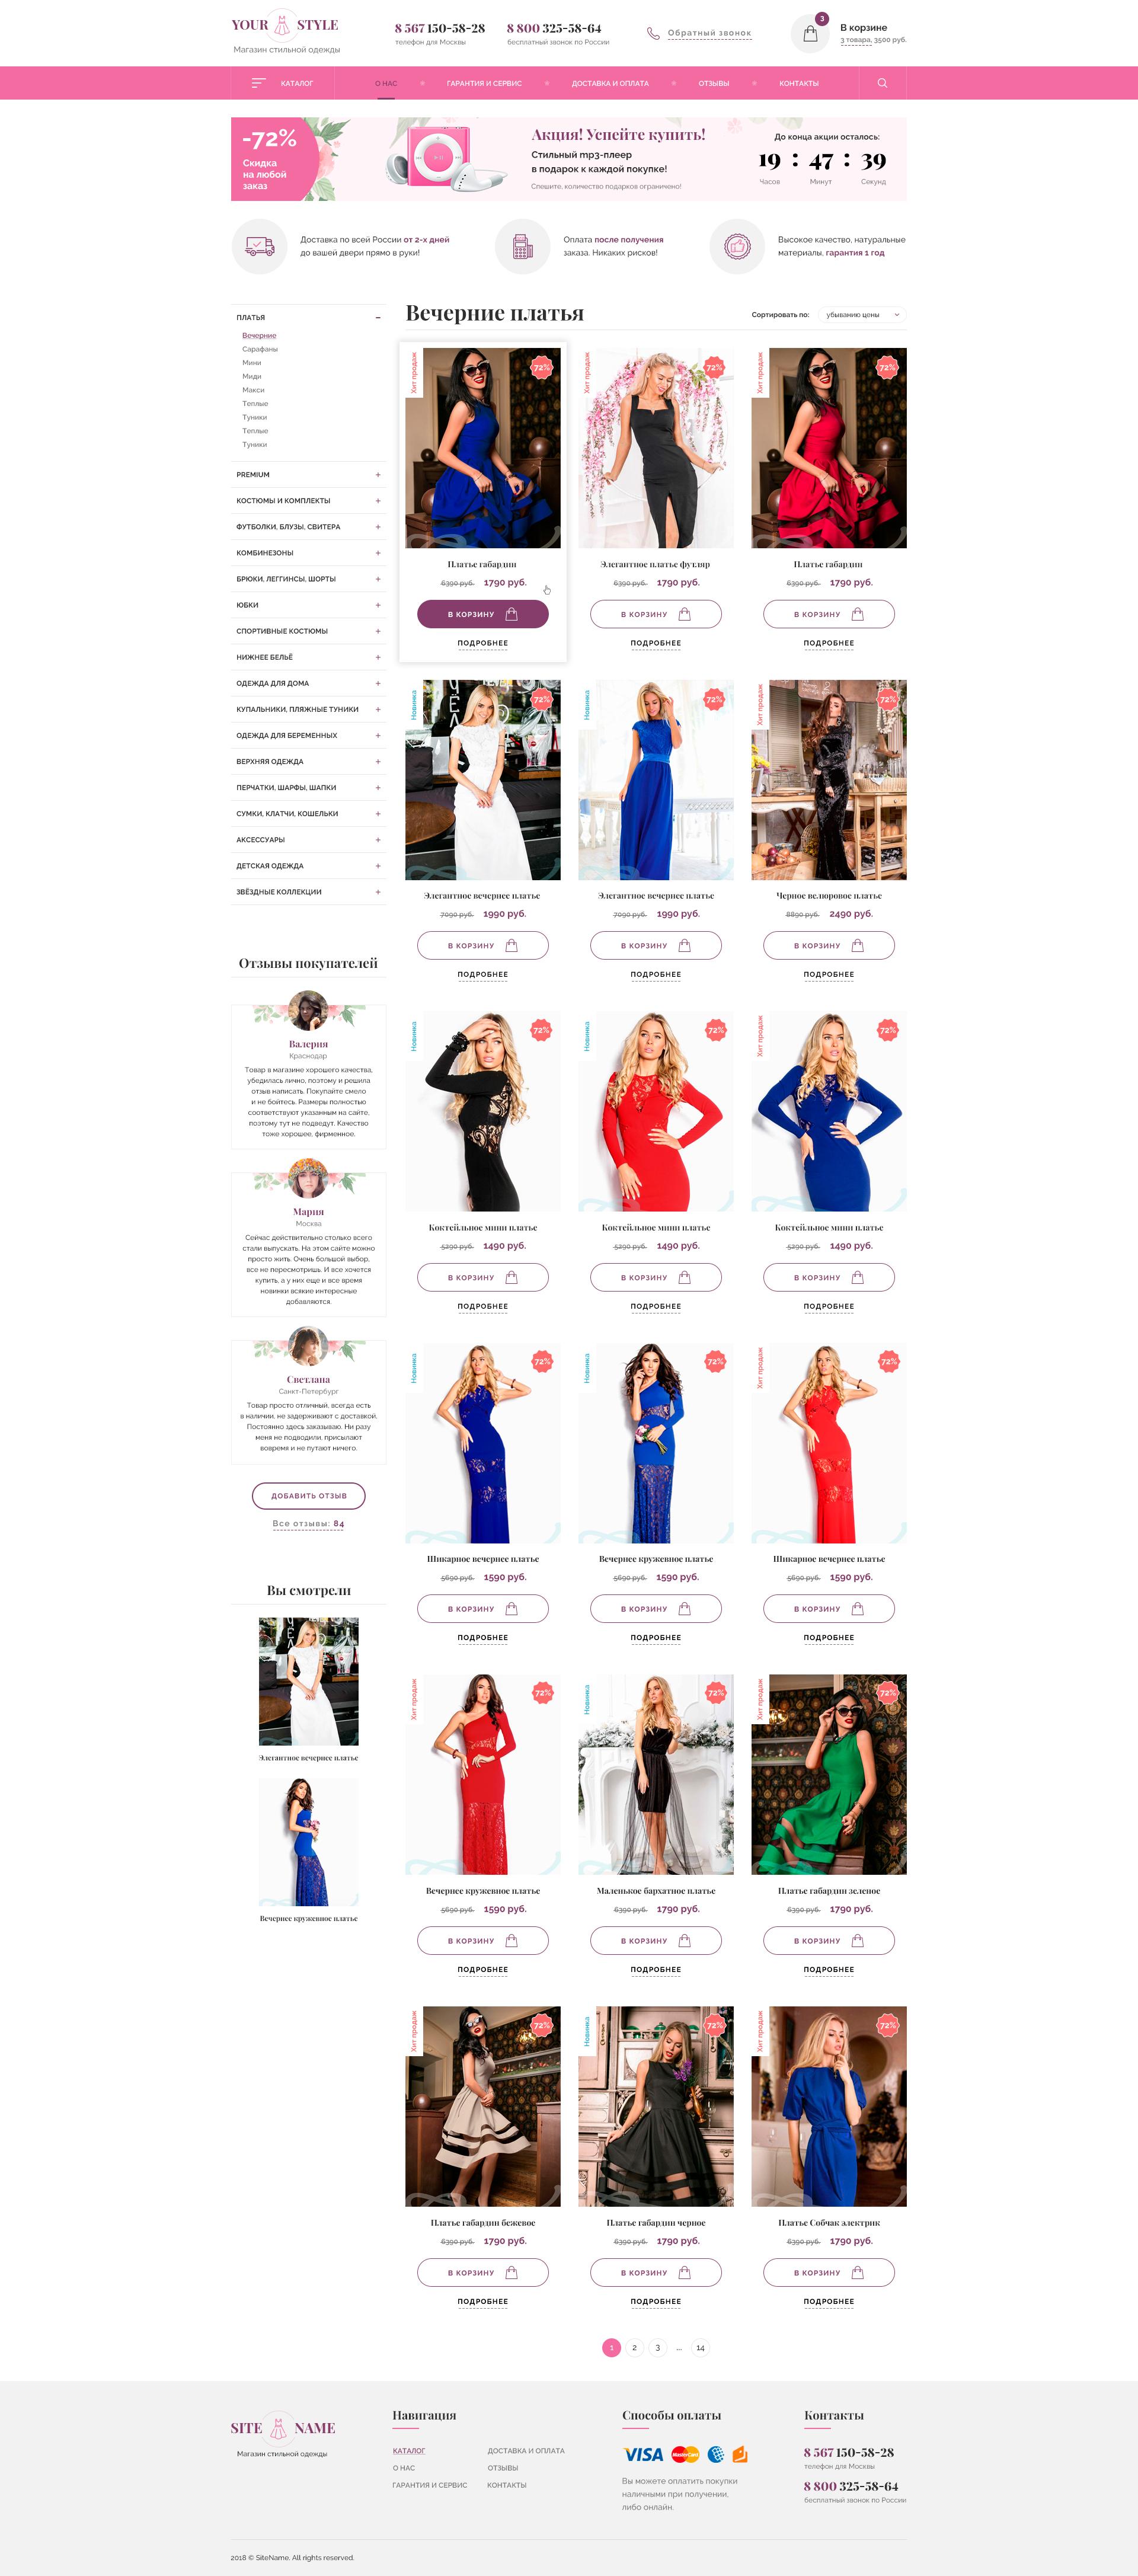 Интернет магазин стильной одежды Your style